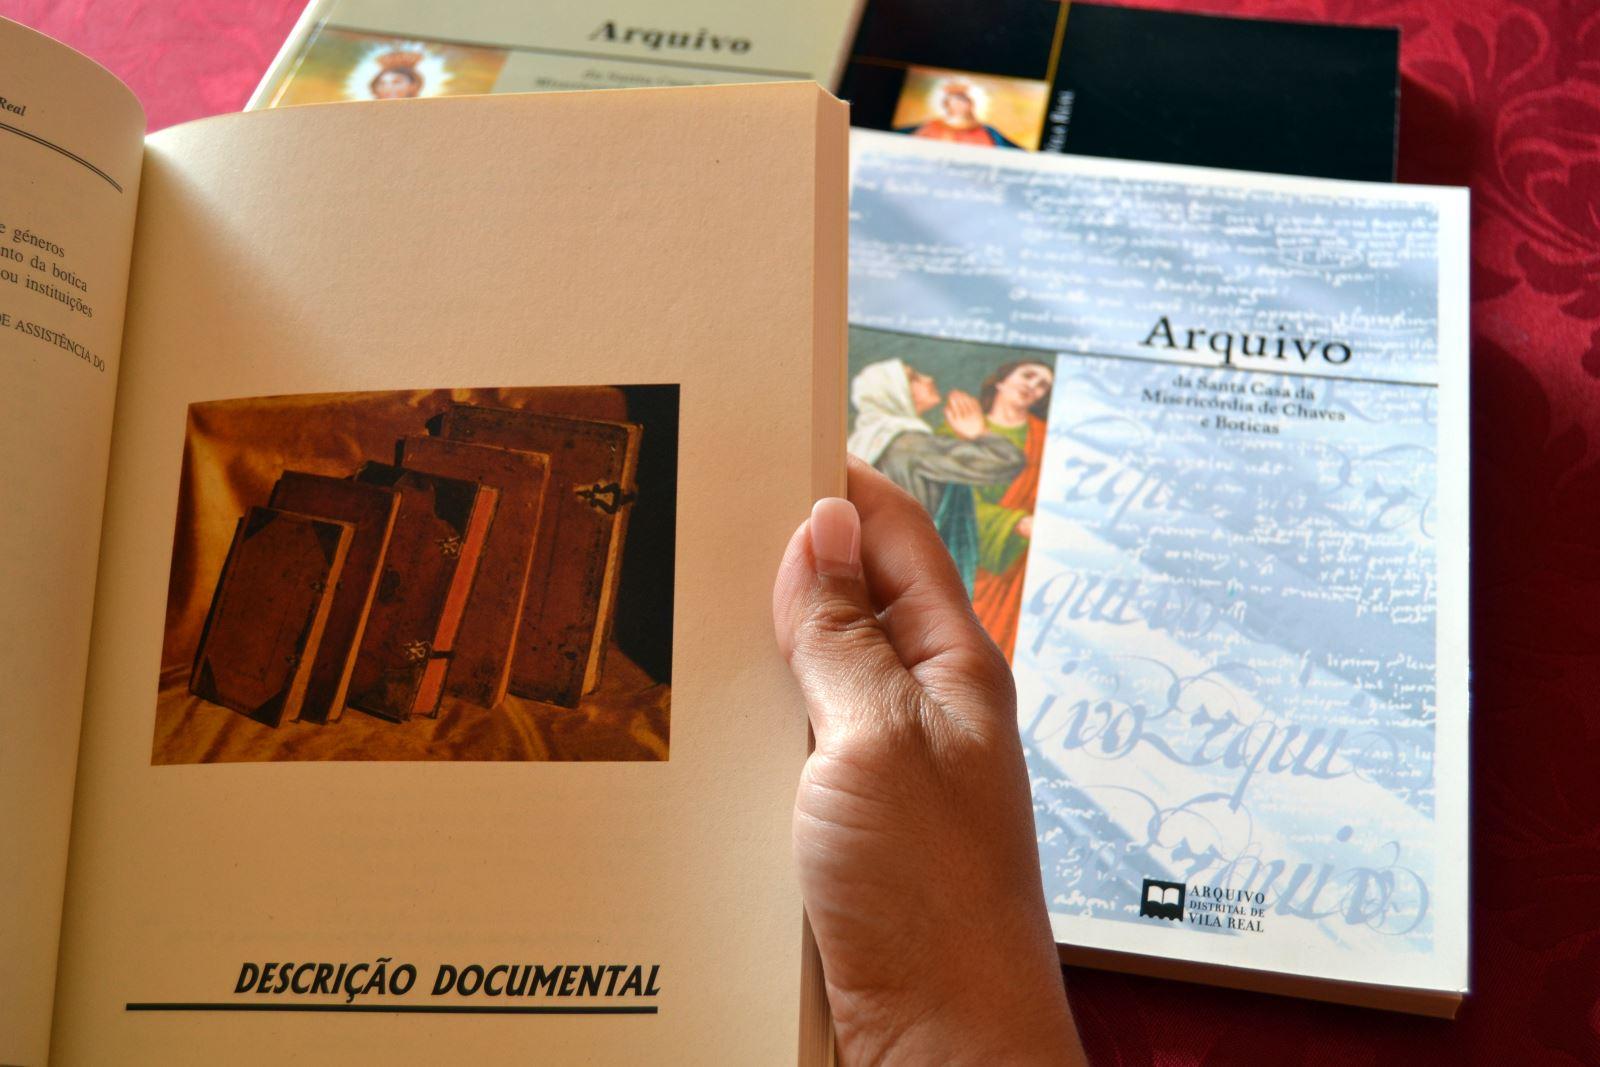 Arquivos | Parceria para preservar memória